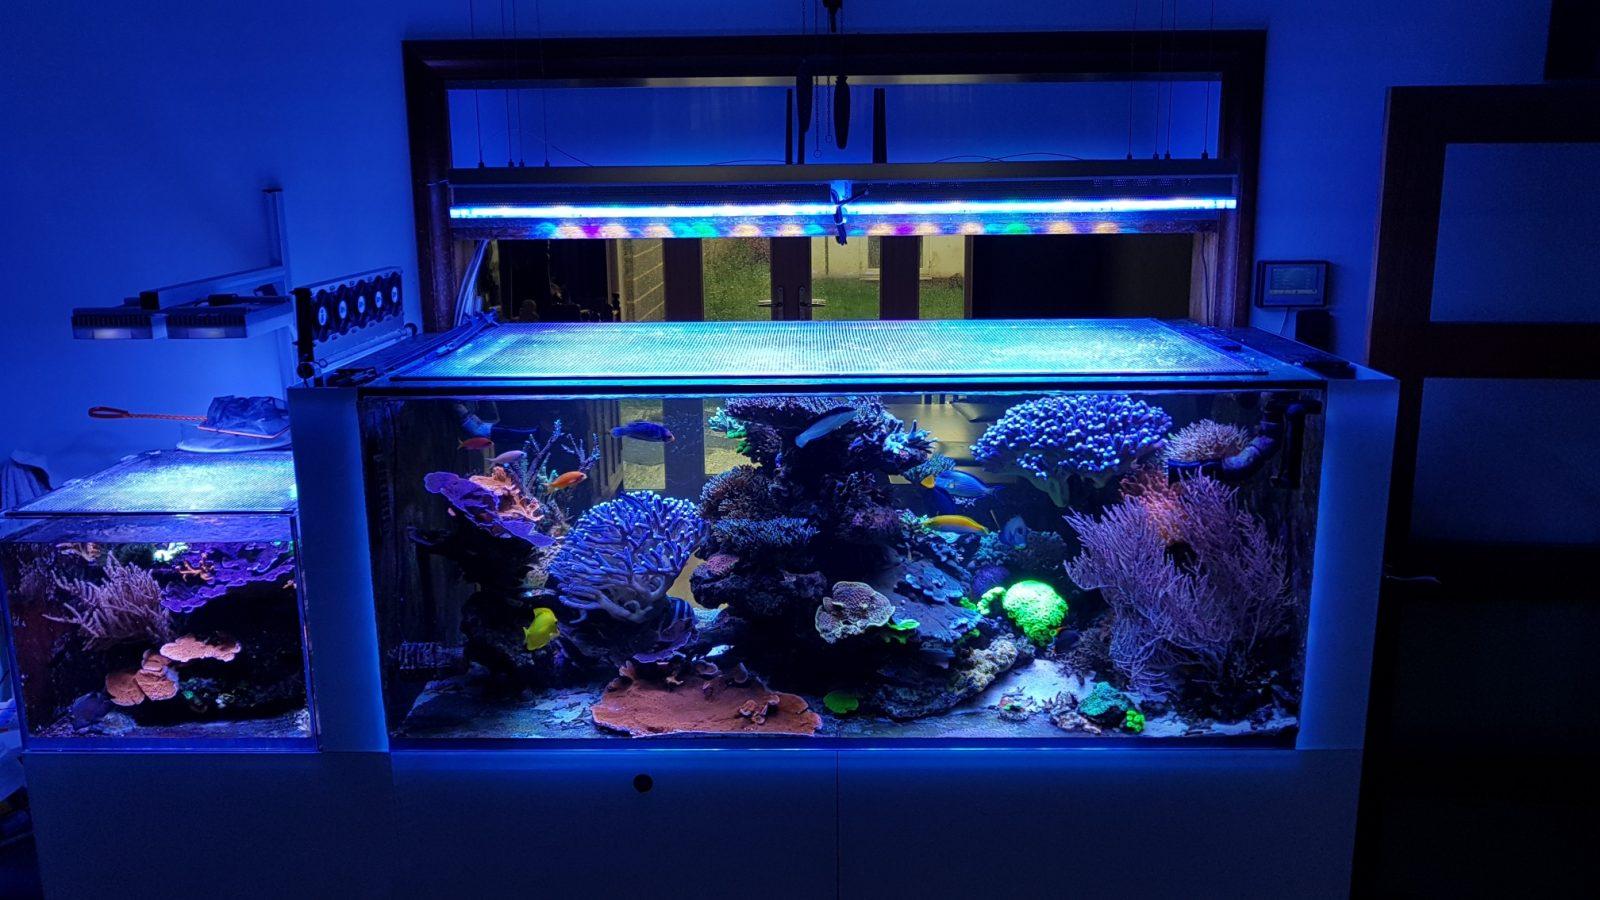 la migliore barra LED per acquari 2020